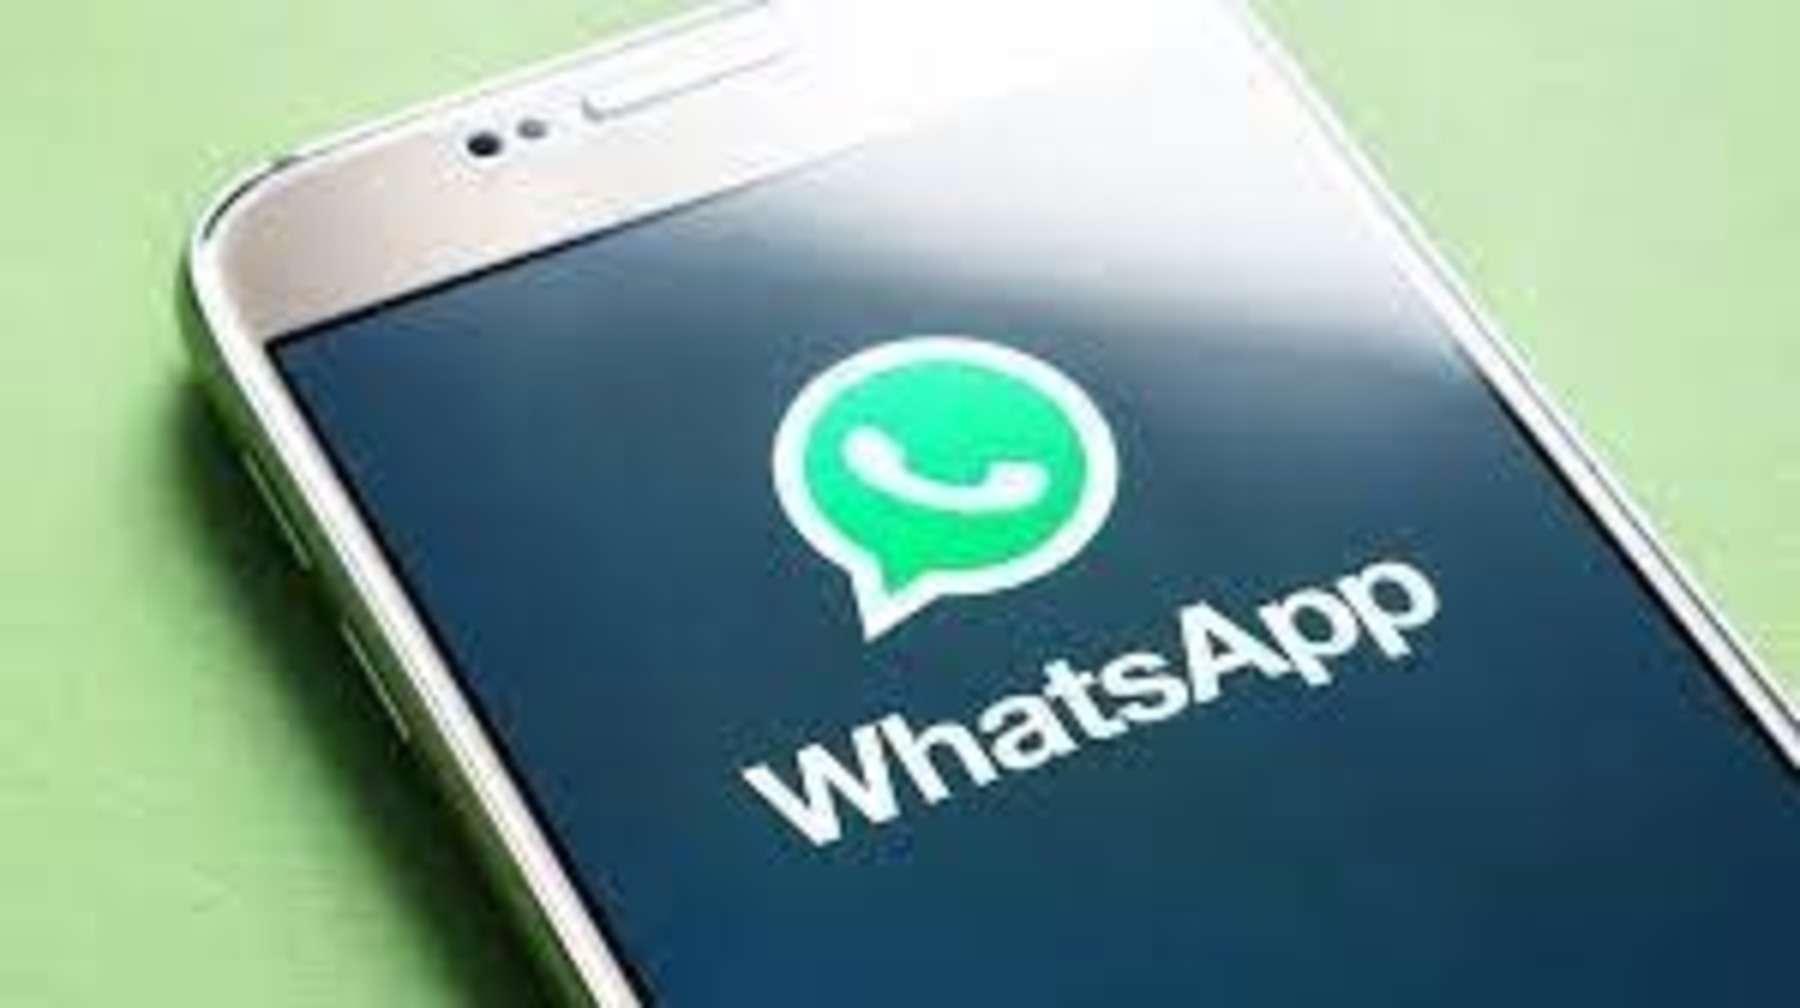 Facebook ढूंढ रहा है WhatsApp के इन्क्रिप्टेड मैसेज को एनालाइज़ करने के तरीके, जानिए डिटेल्स